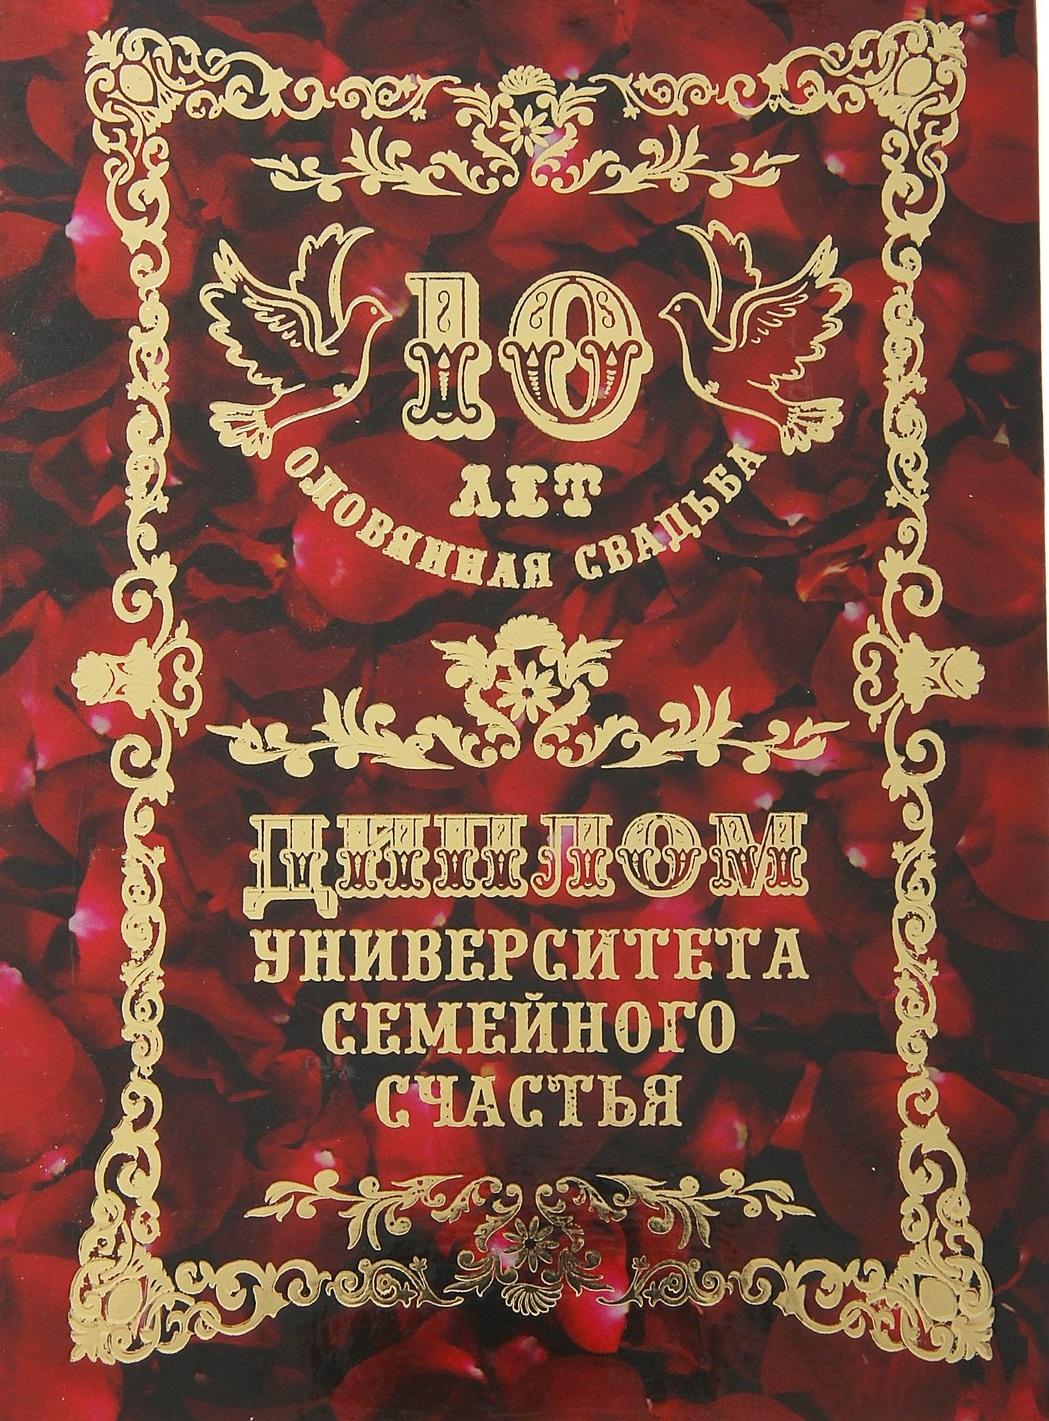 Печать грамот и дипломов для свадьбы 10 лет в Москве   фото 3